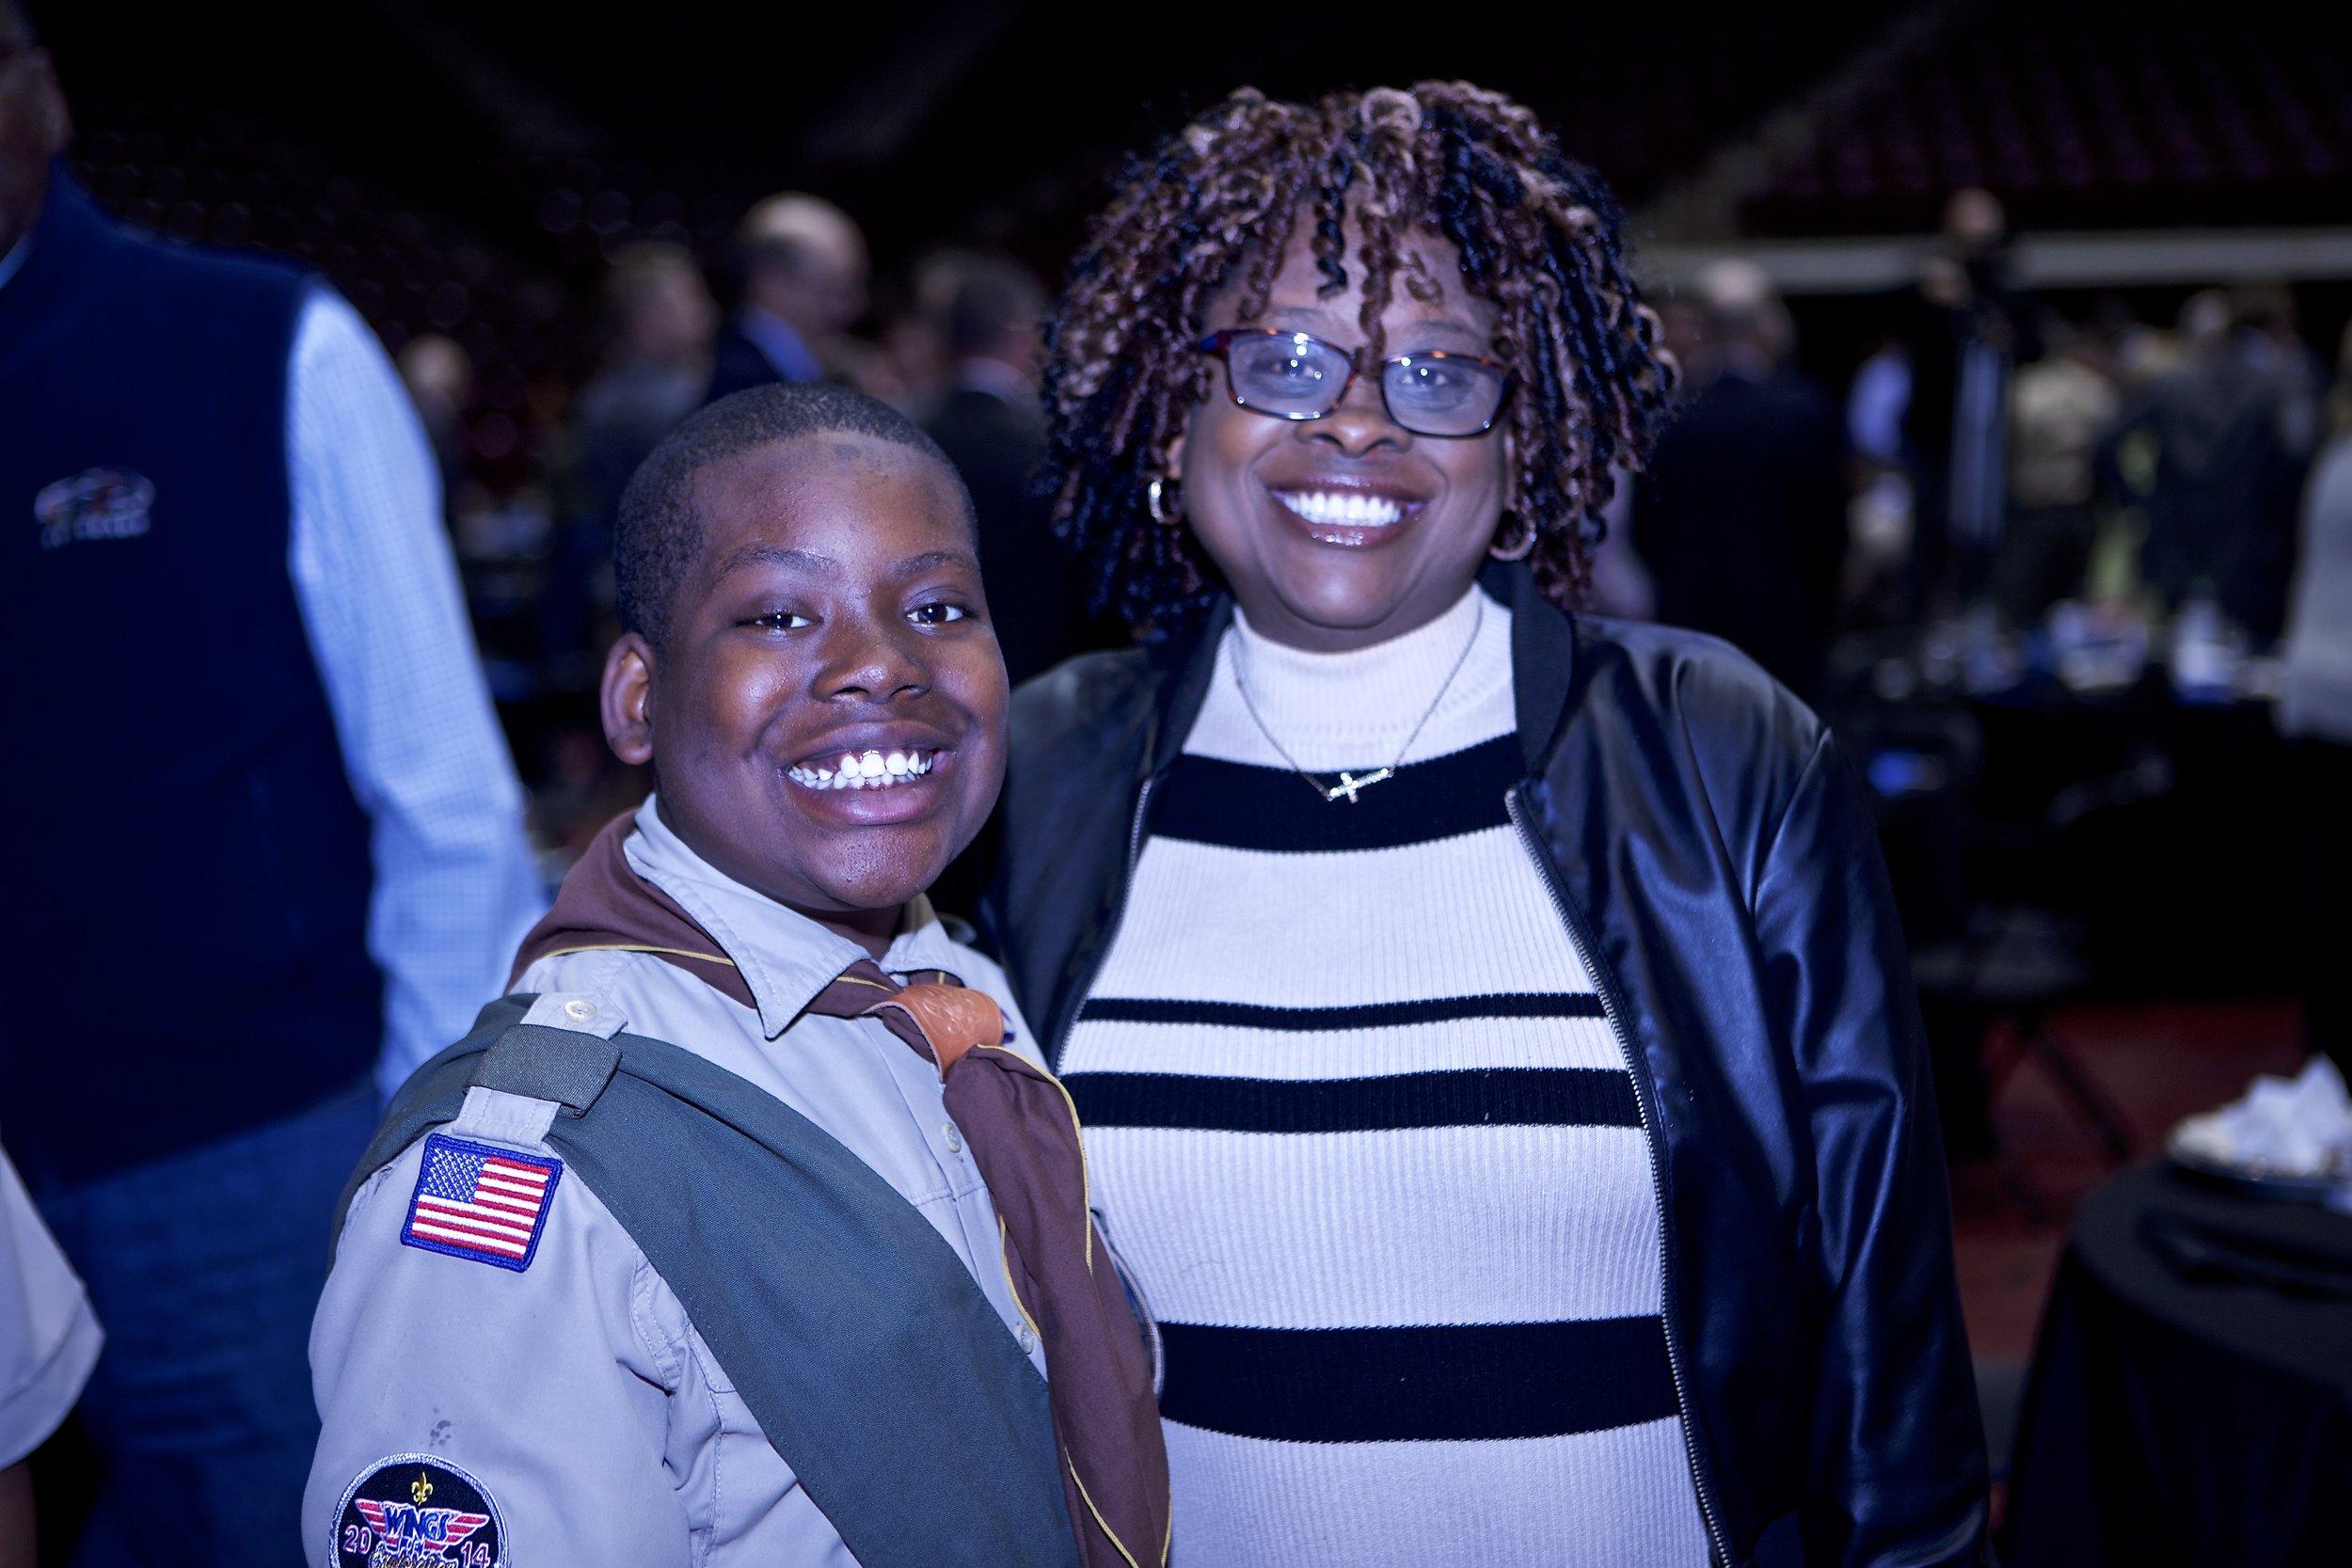 Boy Scouts_190.jpg